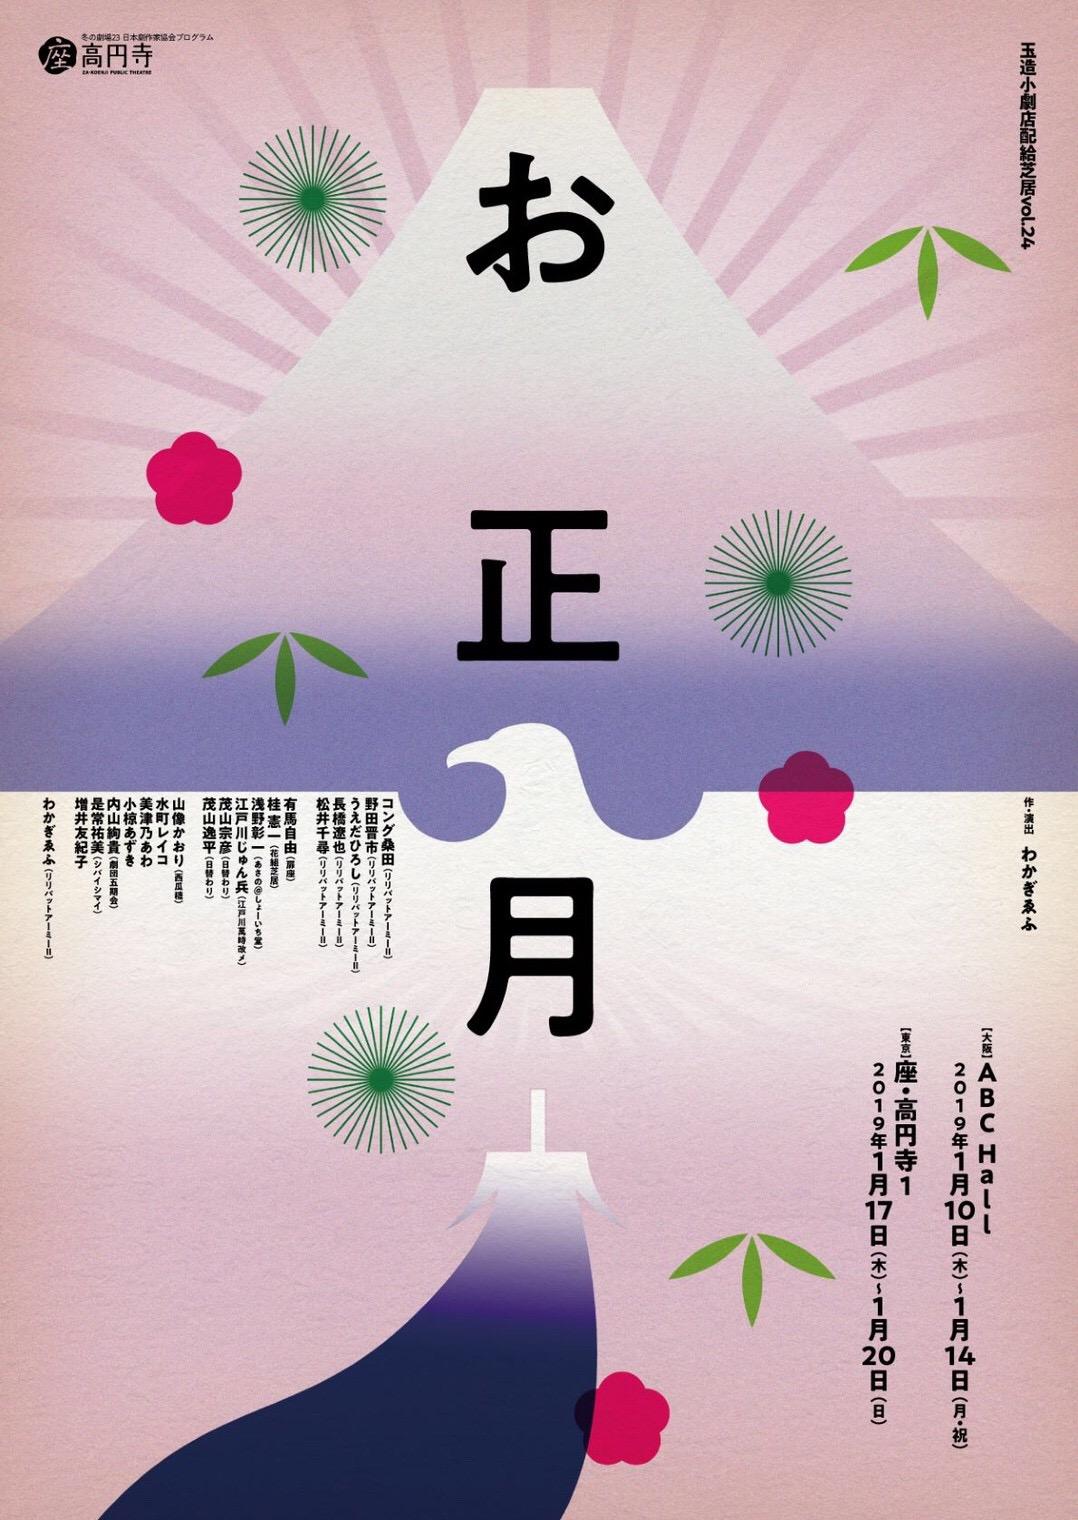 玉造小劇店 配給芝居Vol.24<br>『お正月』